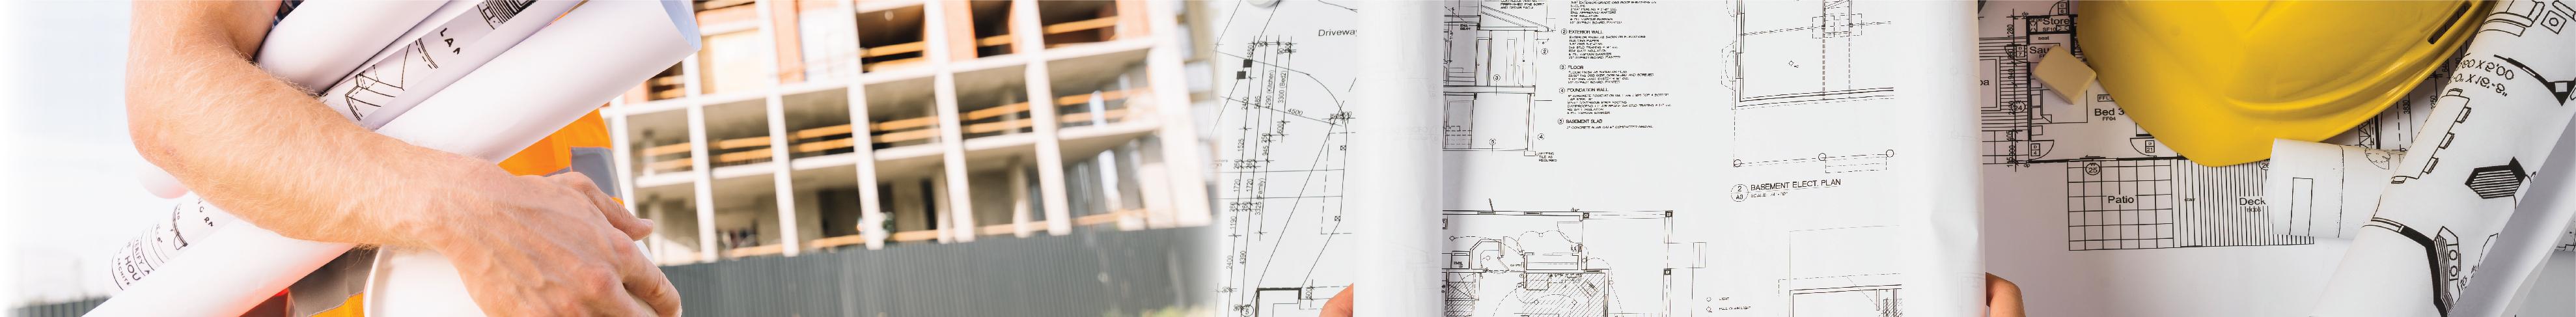 תכניות בנייה-02